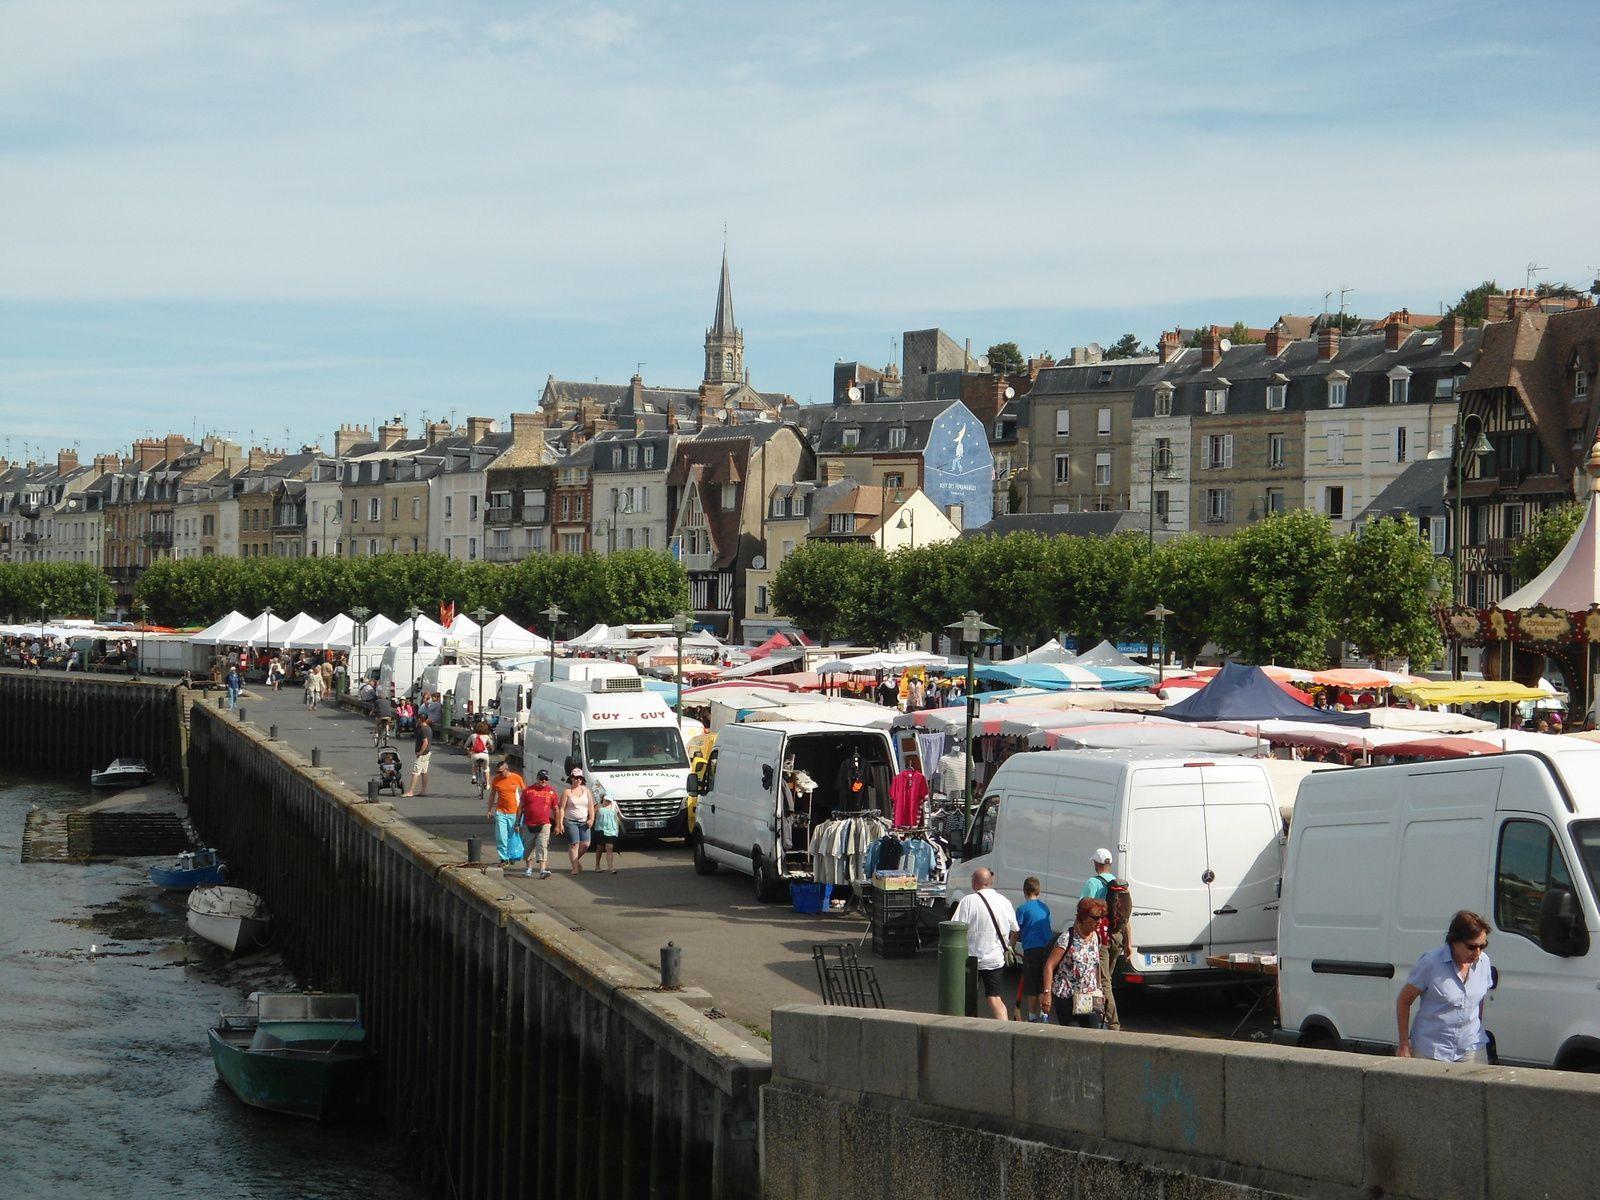 Le marché s'installe tout le long du port deux fois par semaine. Il est vraiment très bien achalandée.